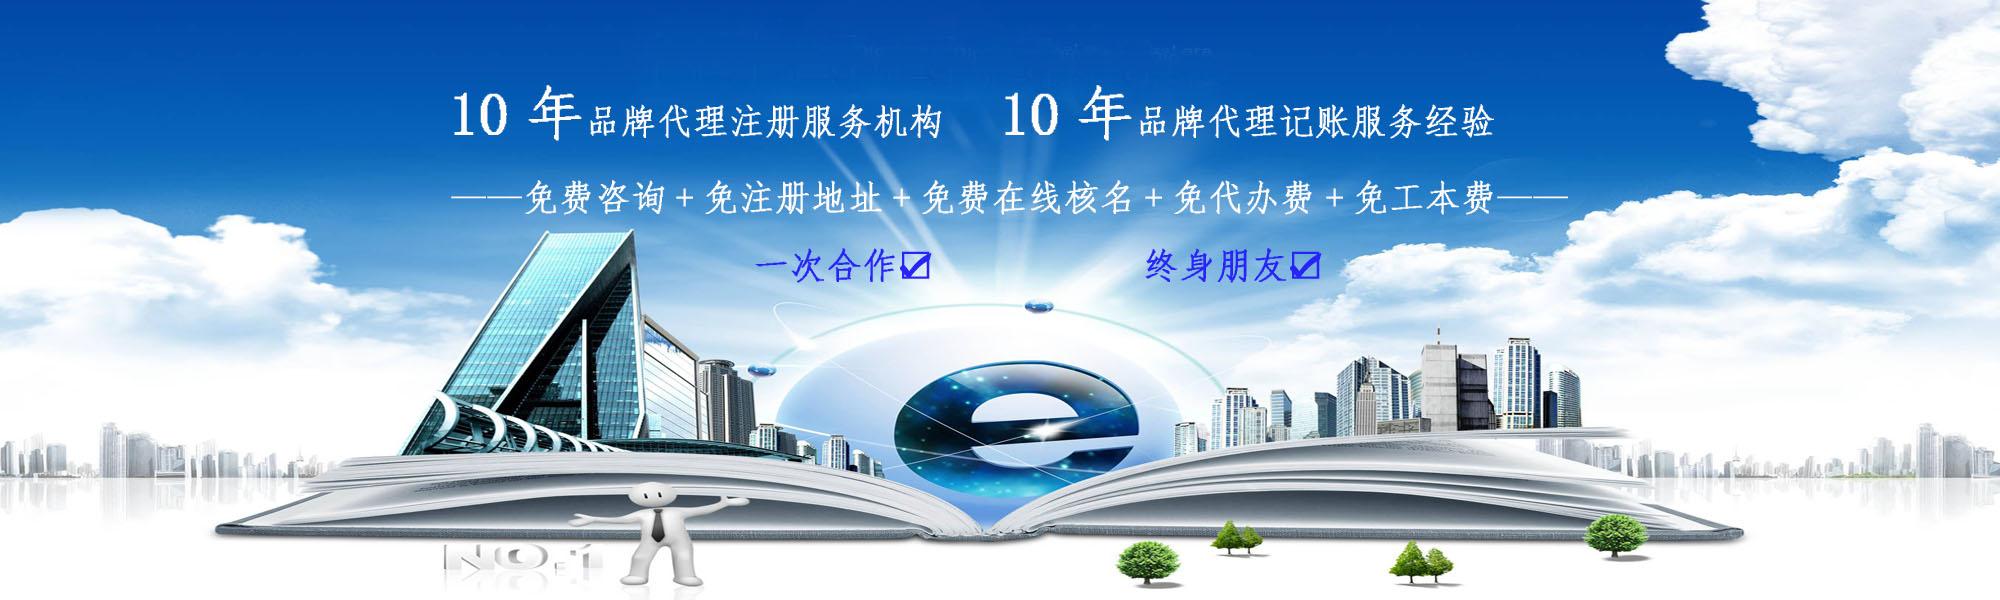 金山注册公司|屏江企业服务(上海)有限责任公司